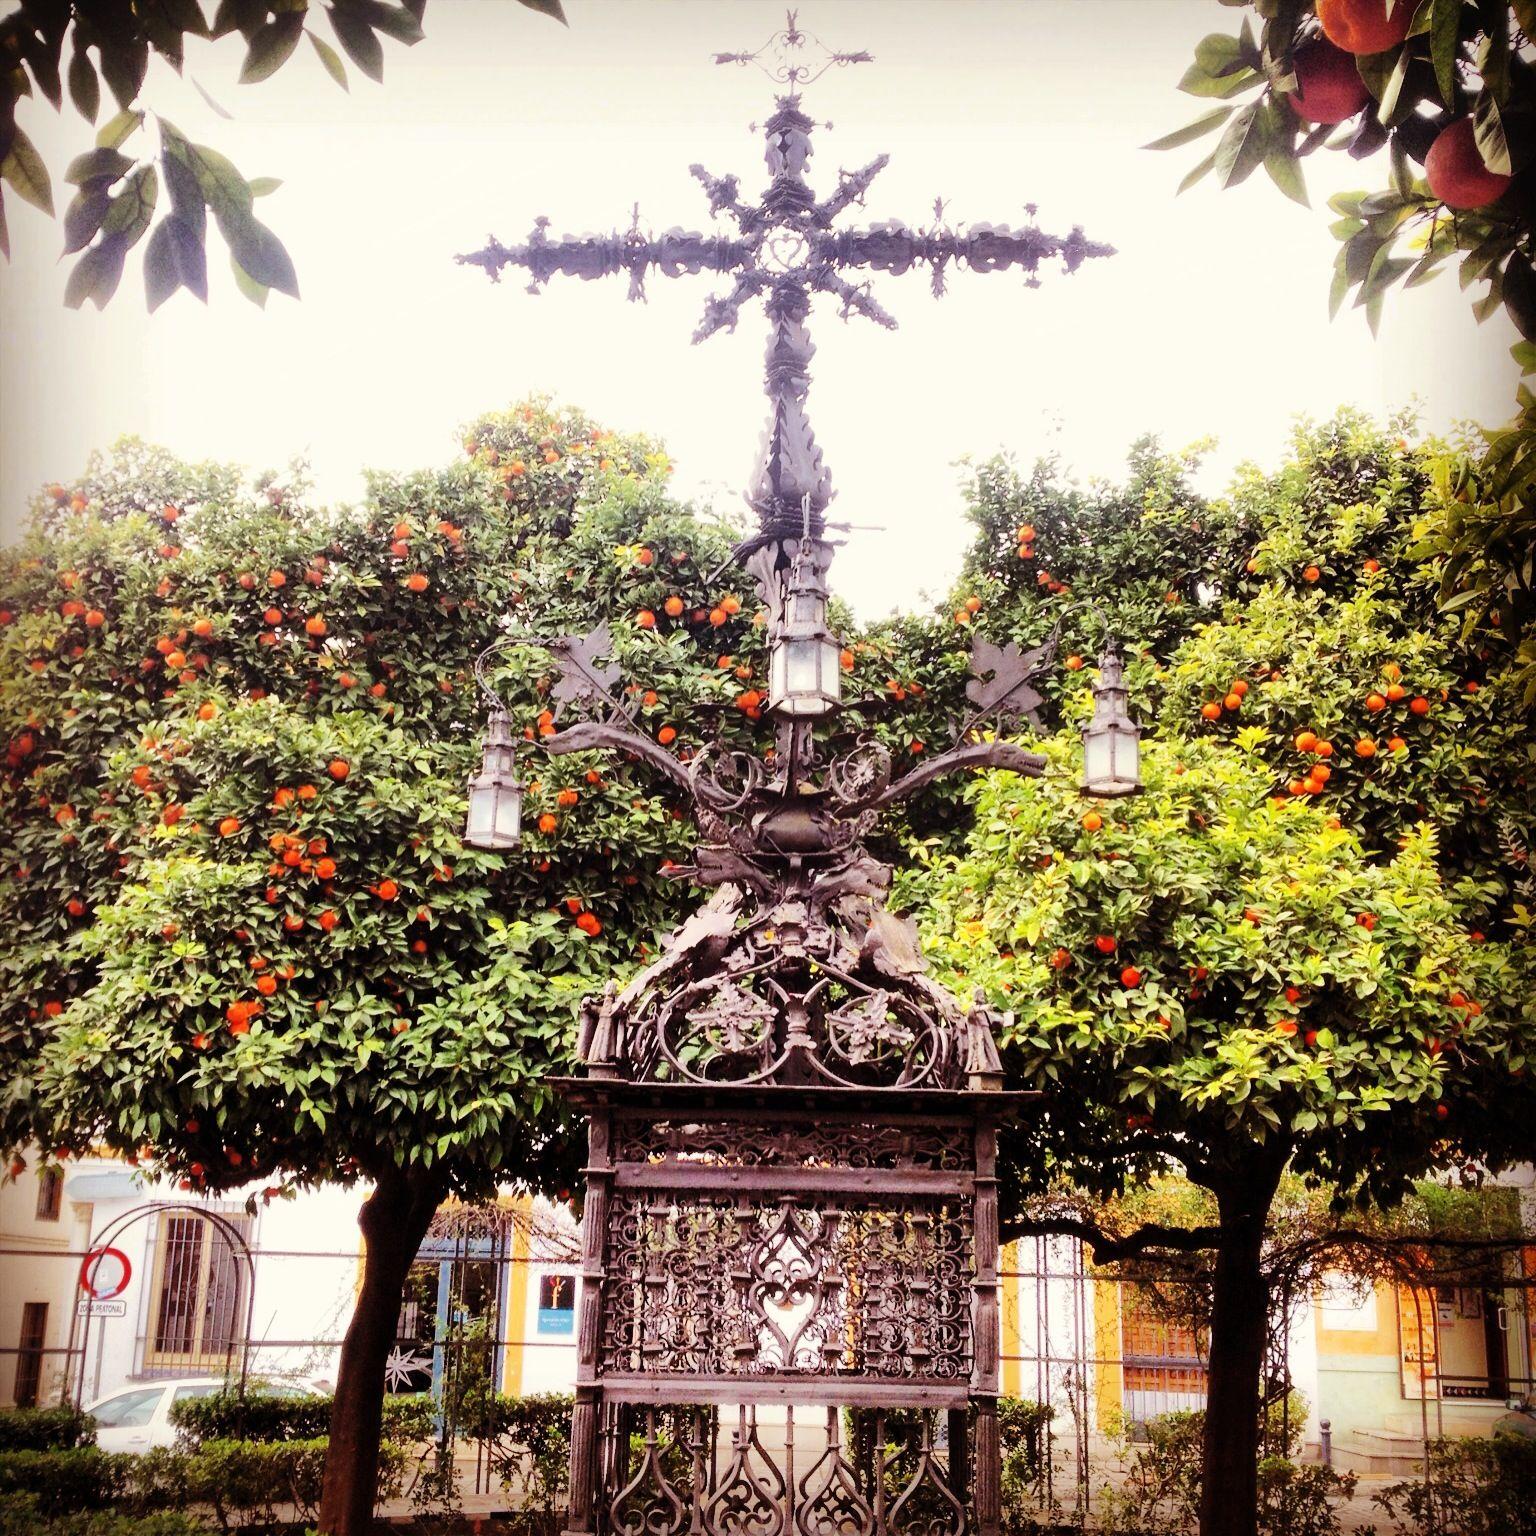 Plaza de Santa Cruz - Sevilla